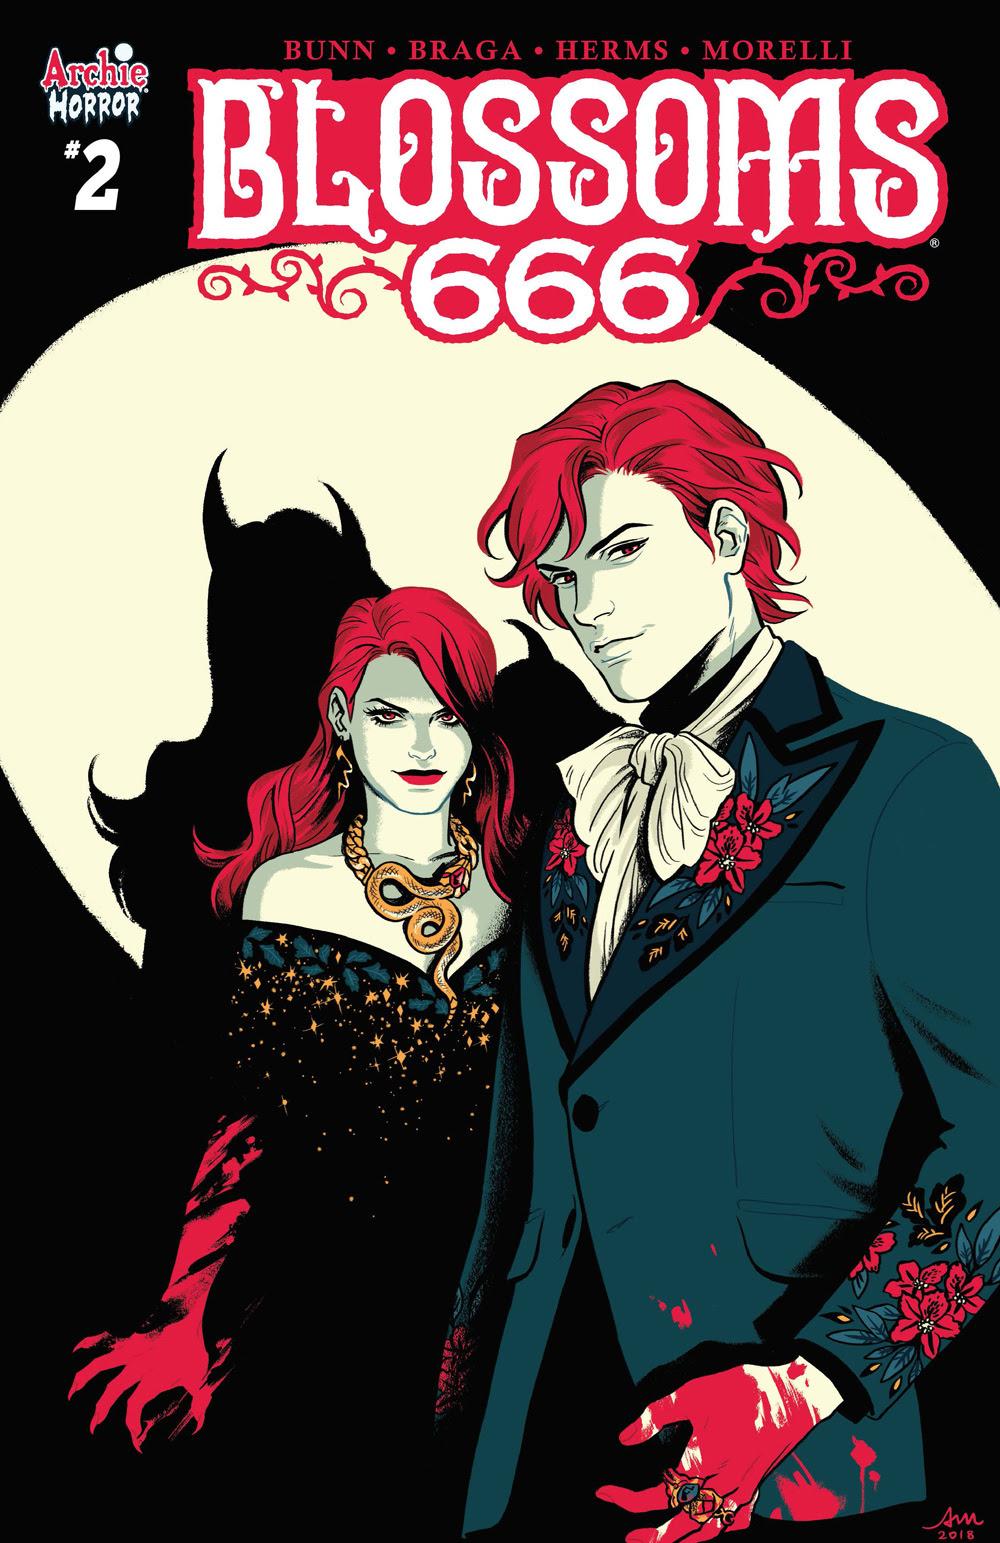 BLOSSOMS 666 #1: CVR B Mok